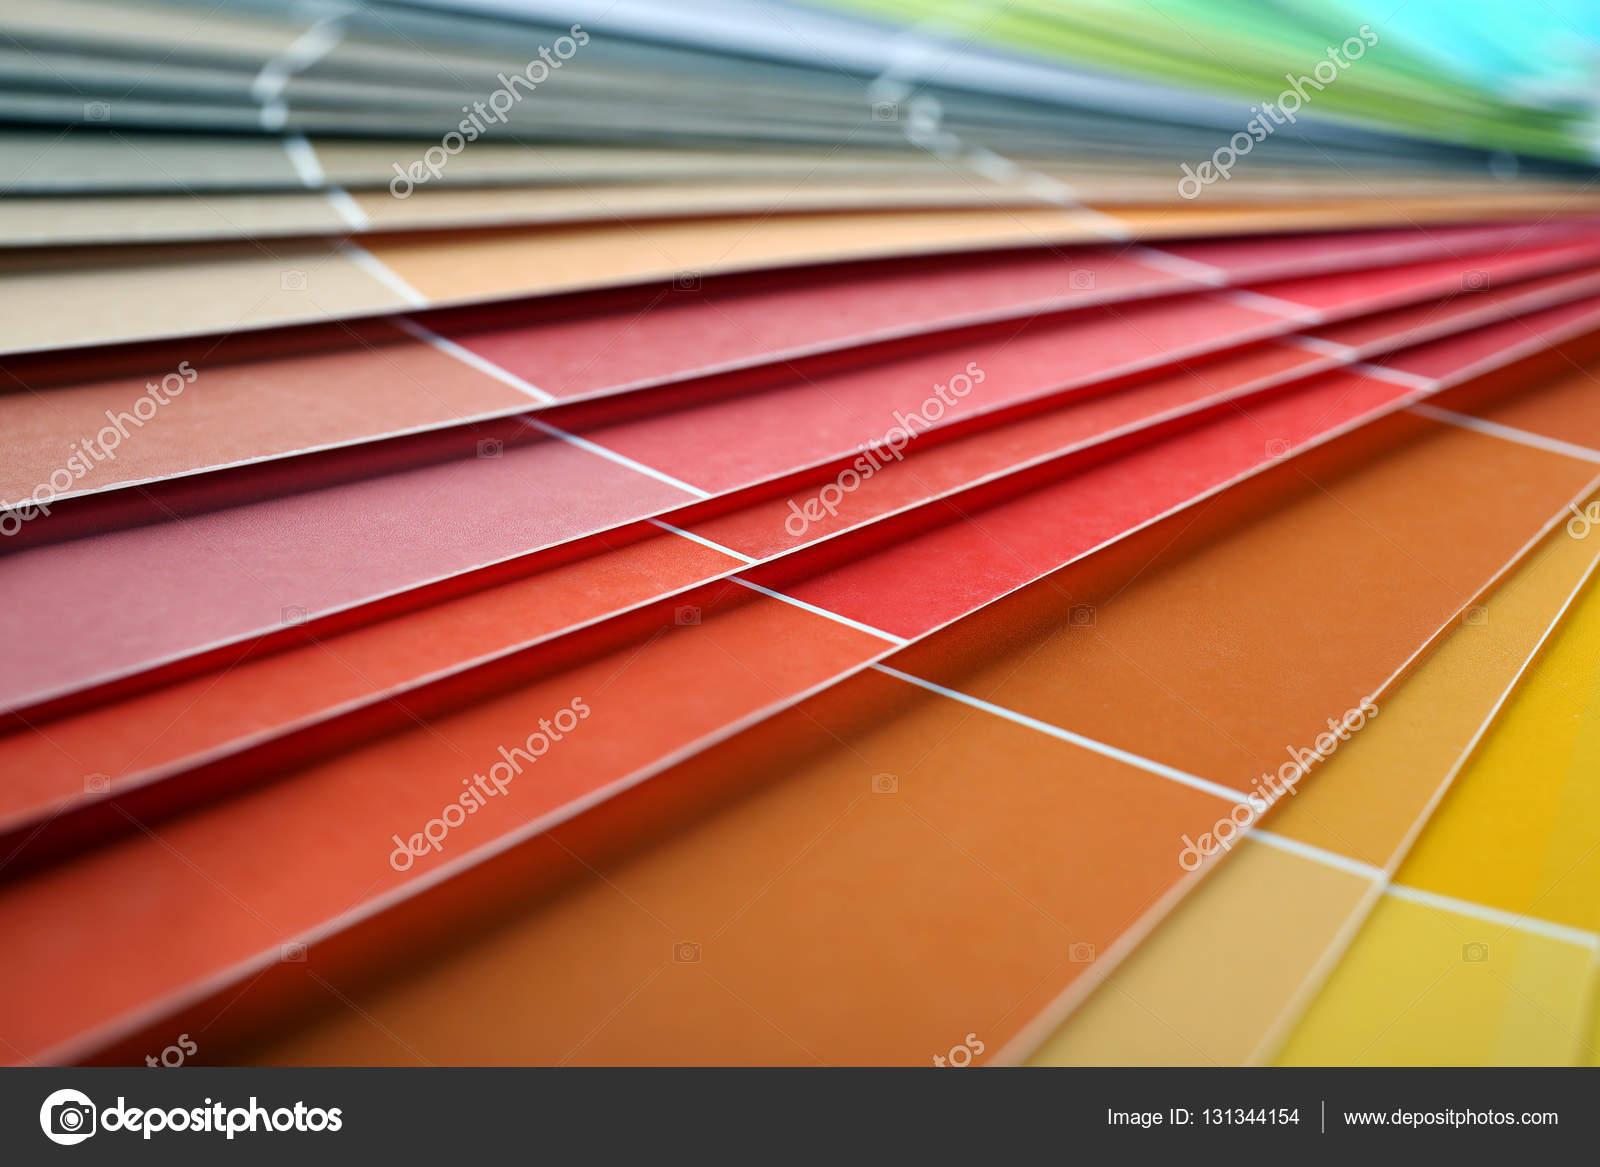 Libro de muestras de color — Foto de stock © belchonock #131344154